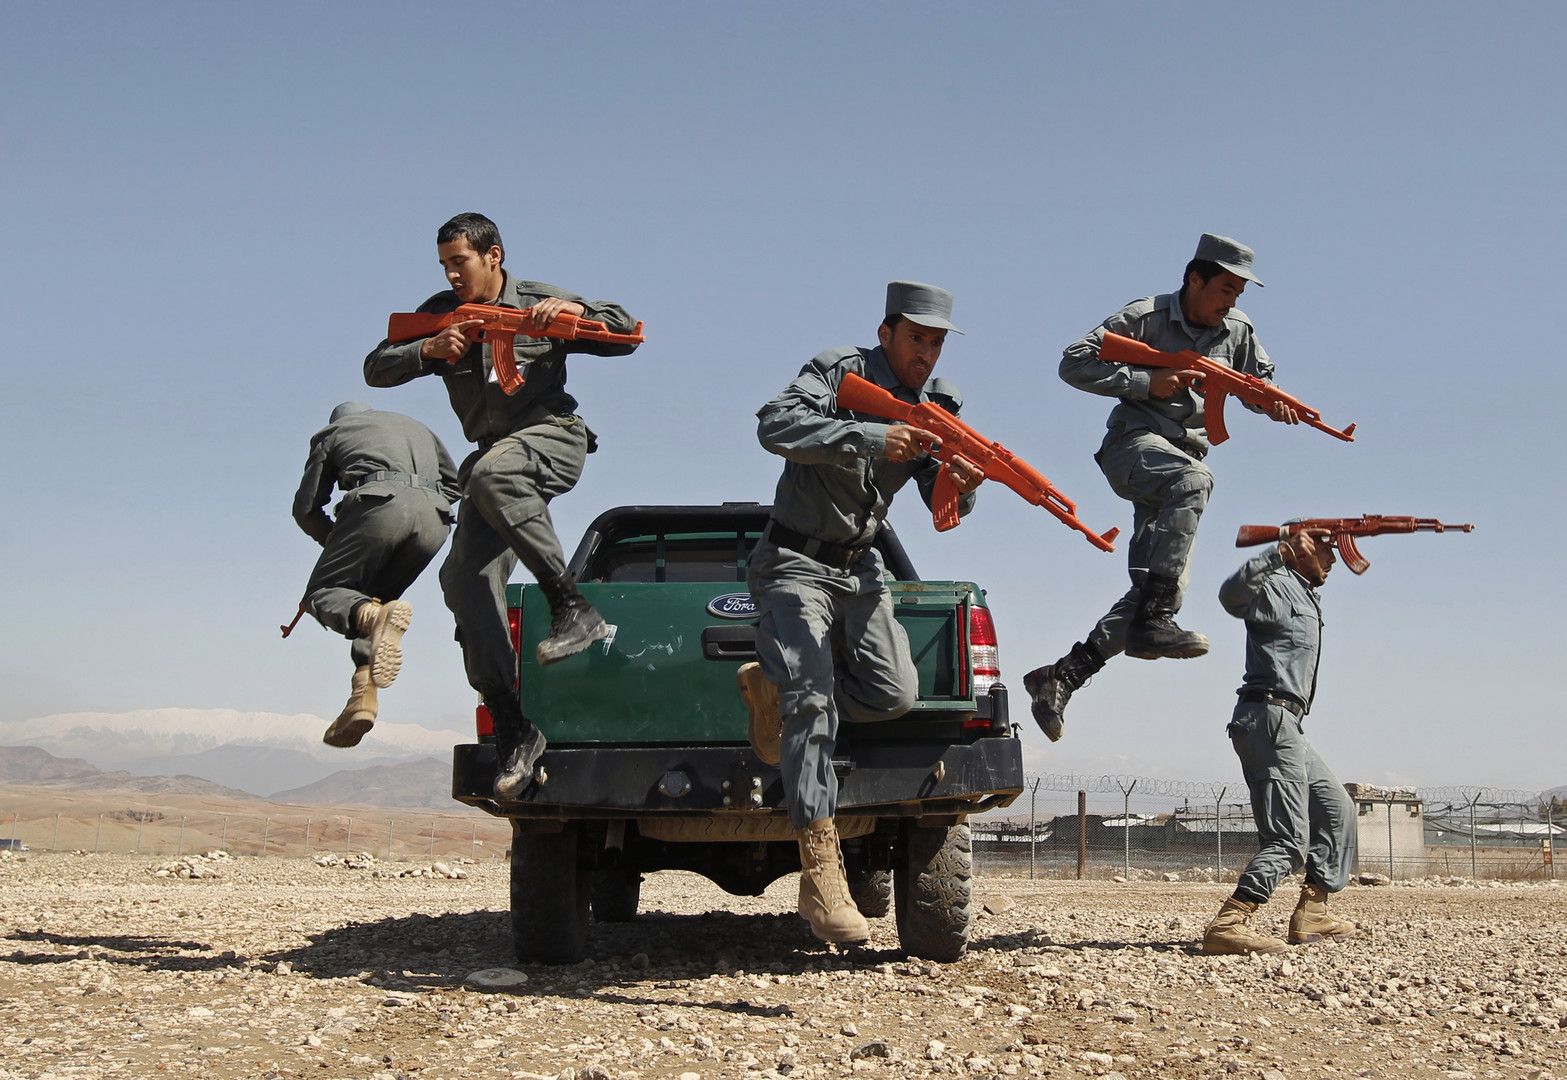 كيري: المحادثات مع غني أثبتت أن الصداقة مع أفغانستان دائمة